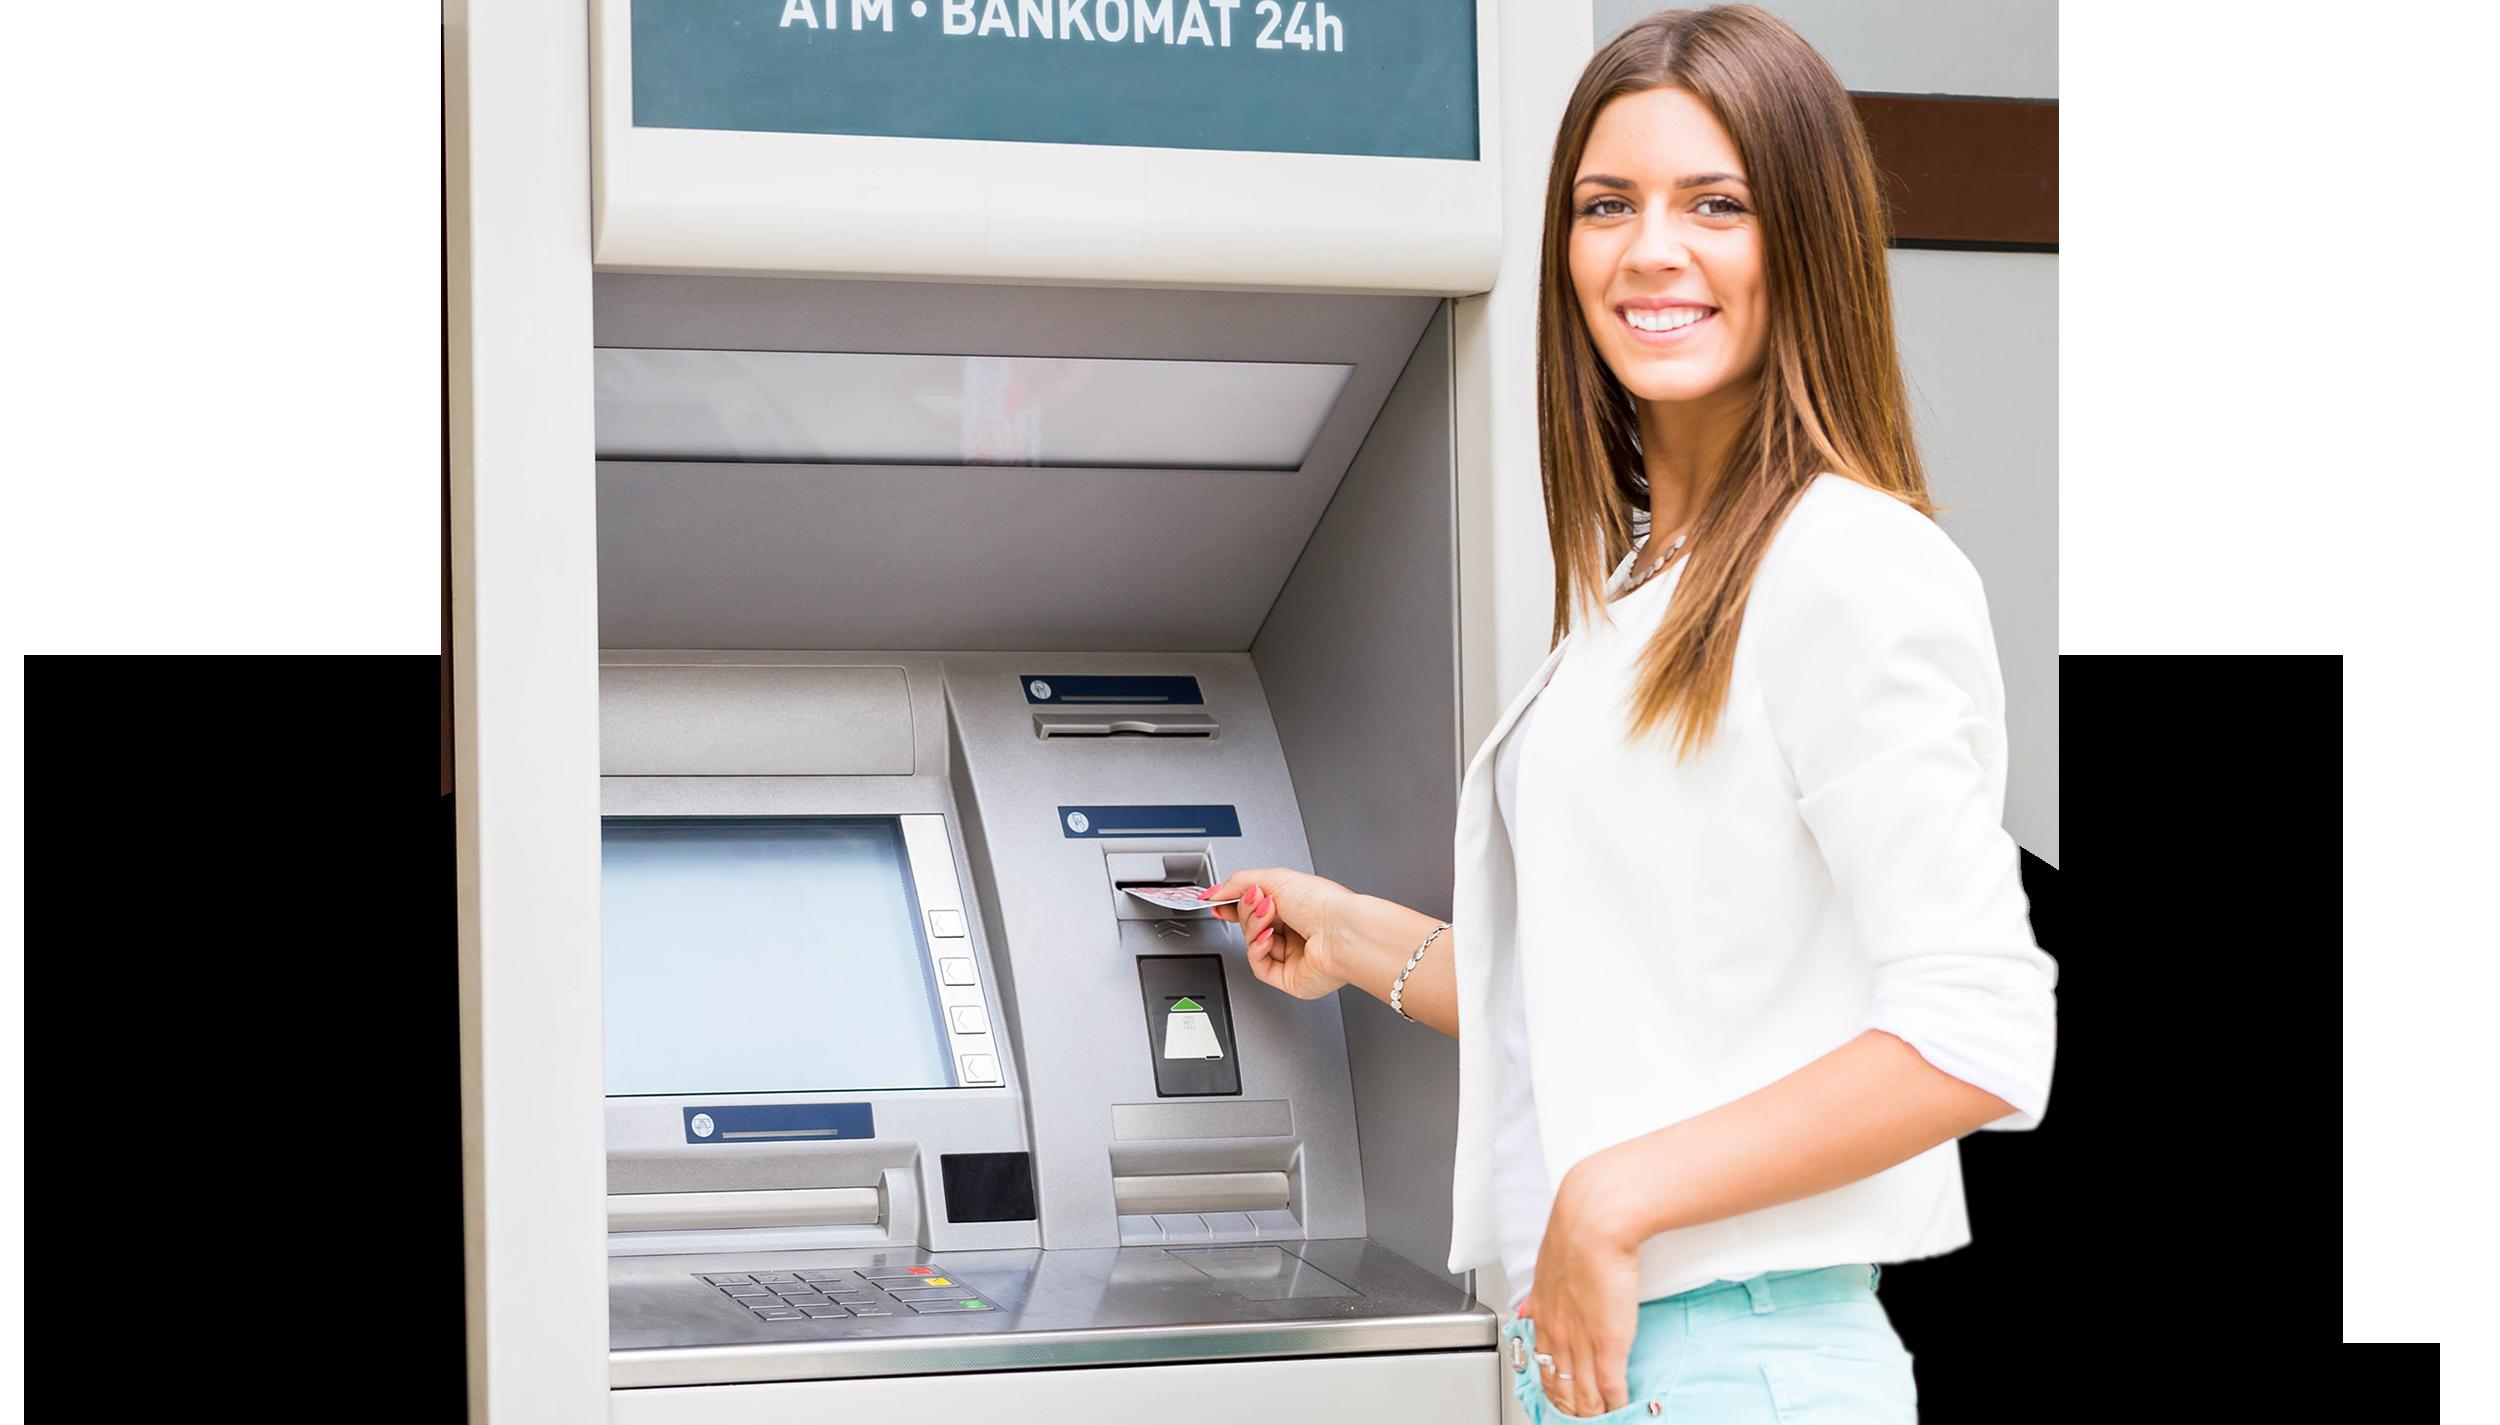 ATM happy customer no explosion